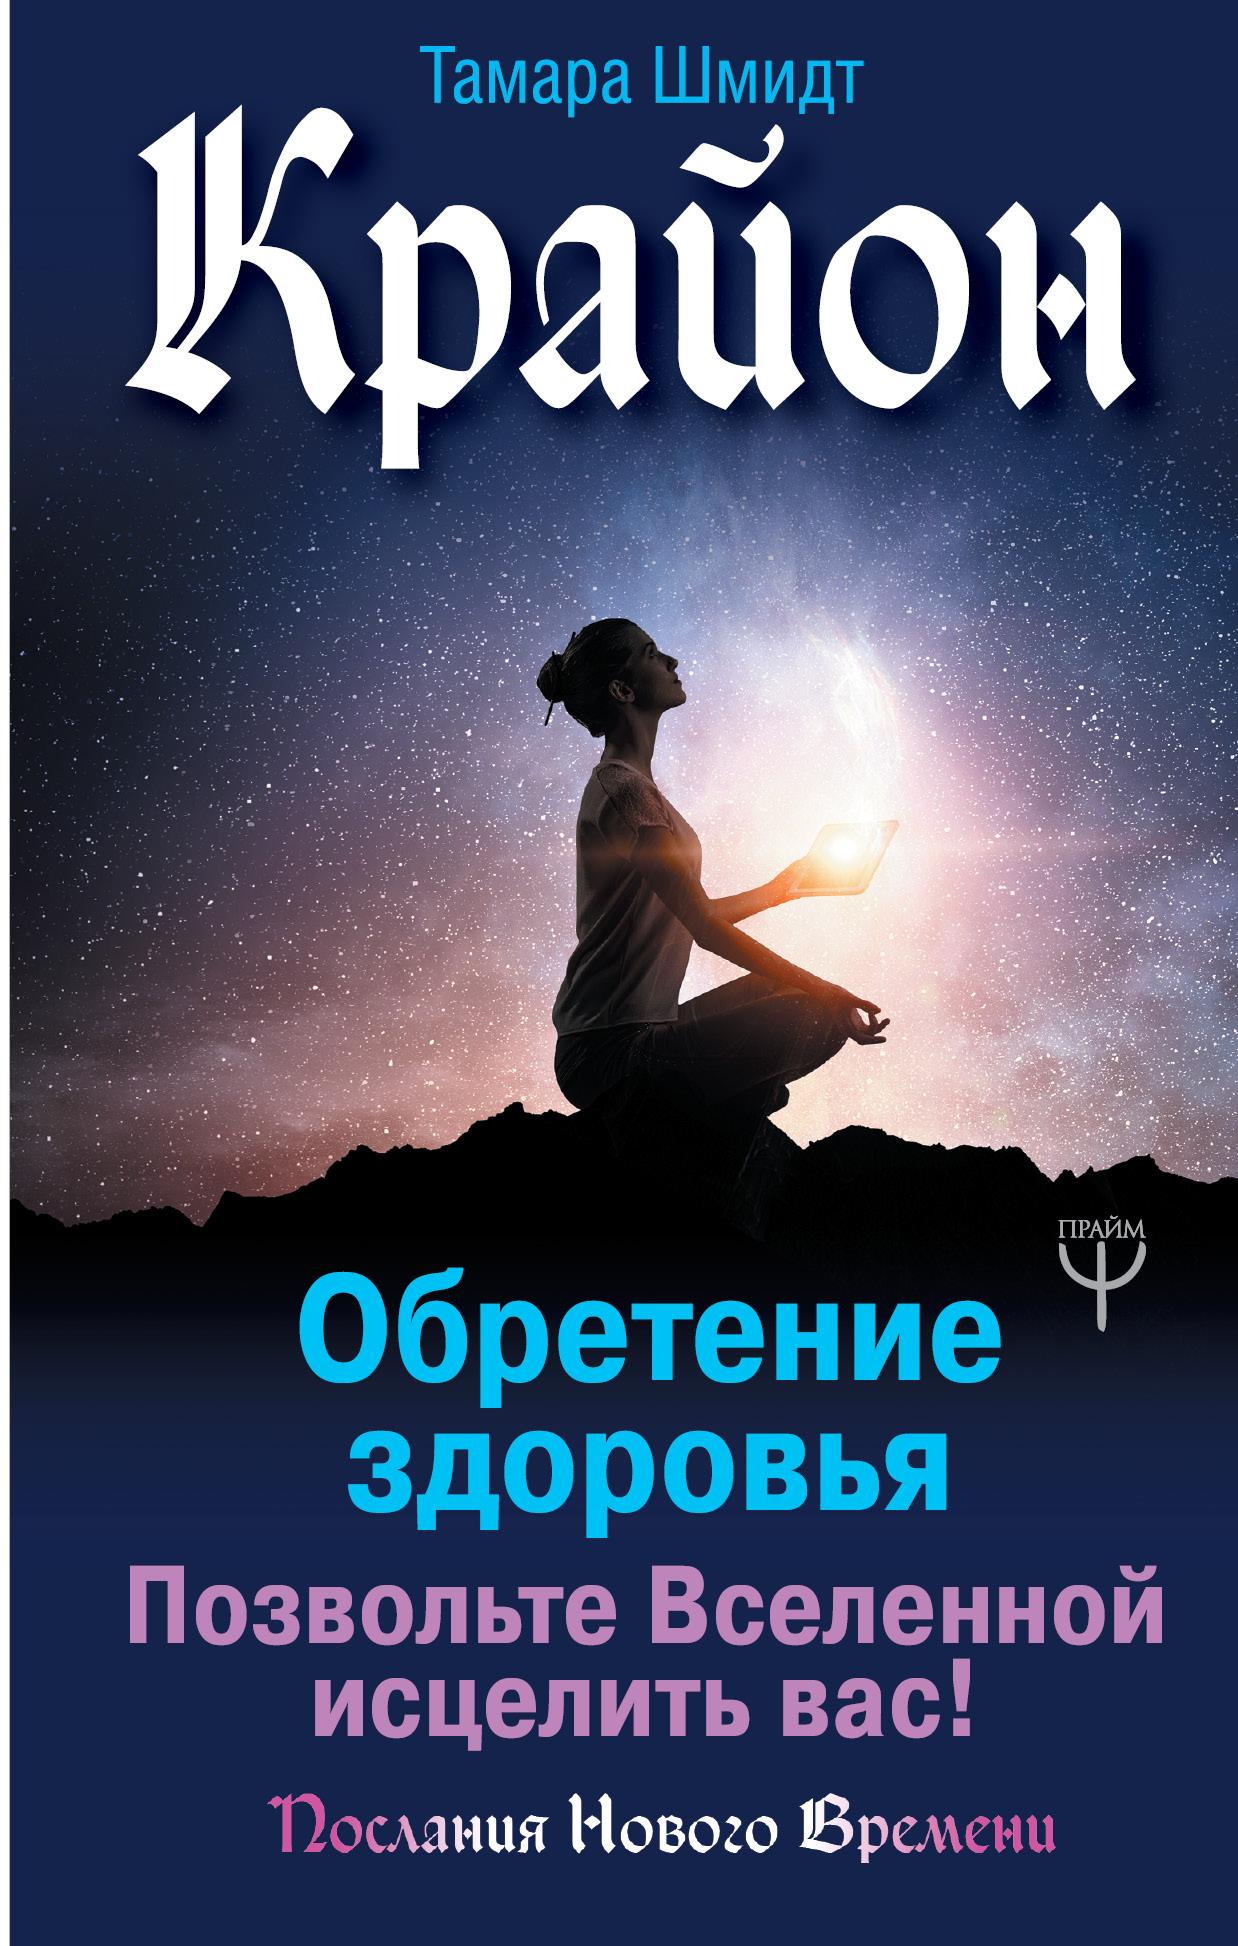 Тамара Шмидт Крайон. Обретение здоровья. Позвольте Вселенной исцелить вас! шмидт т крайон большая книга посланий от вселенной для обретения счастья любви и благополучия